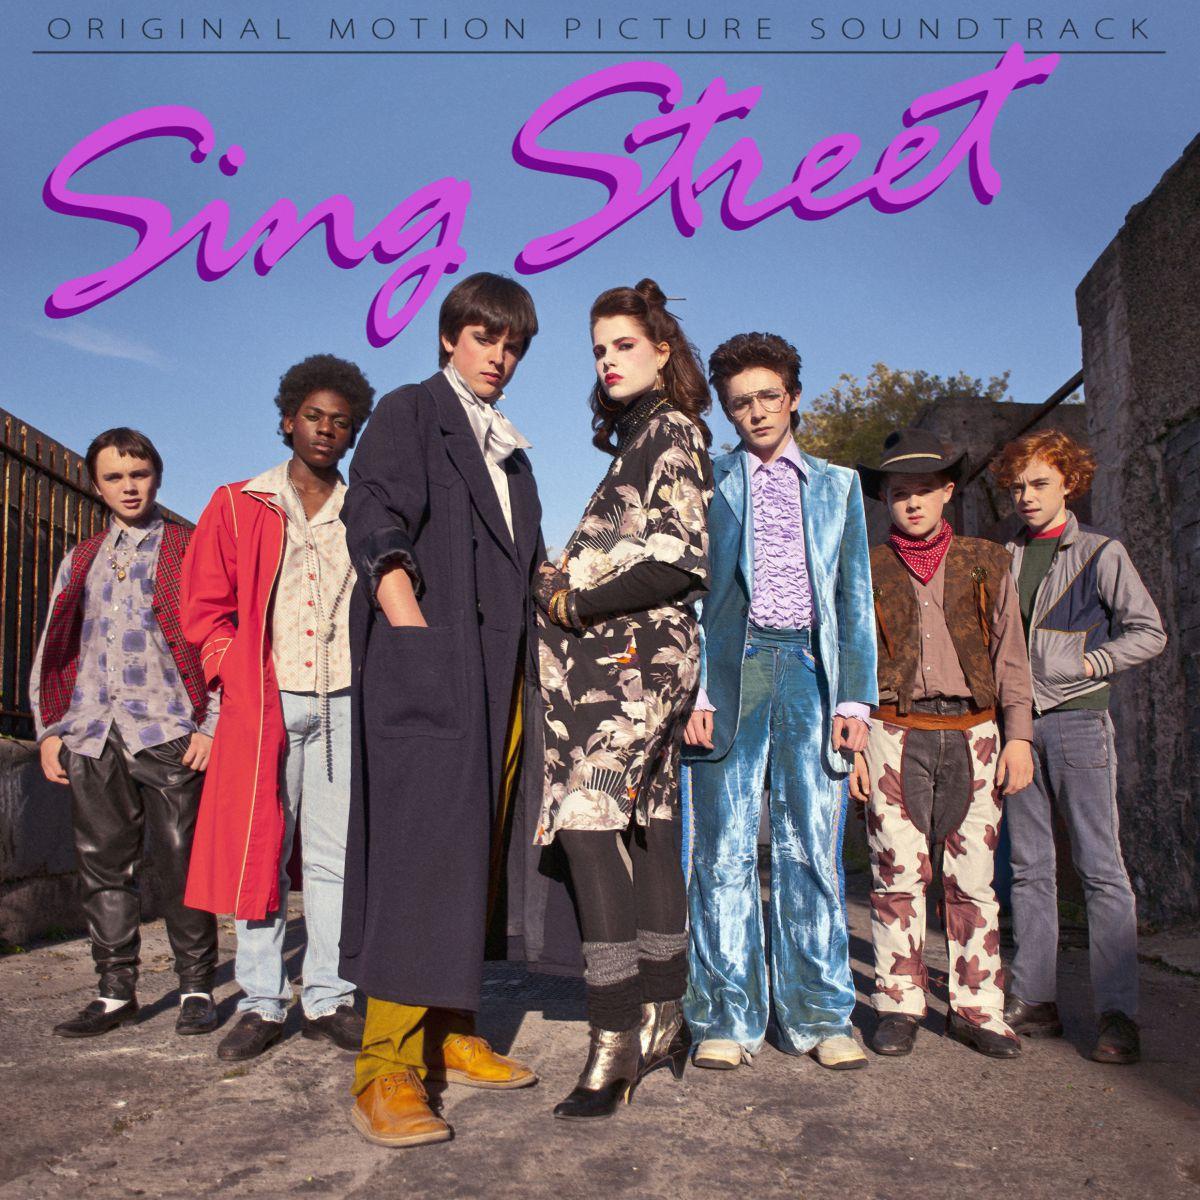 SING STREET de John Carney - portada banda sonora